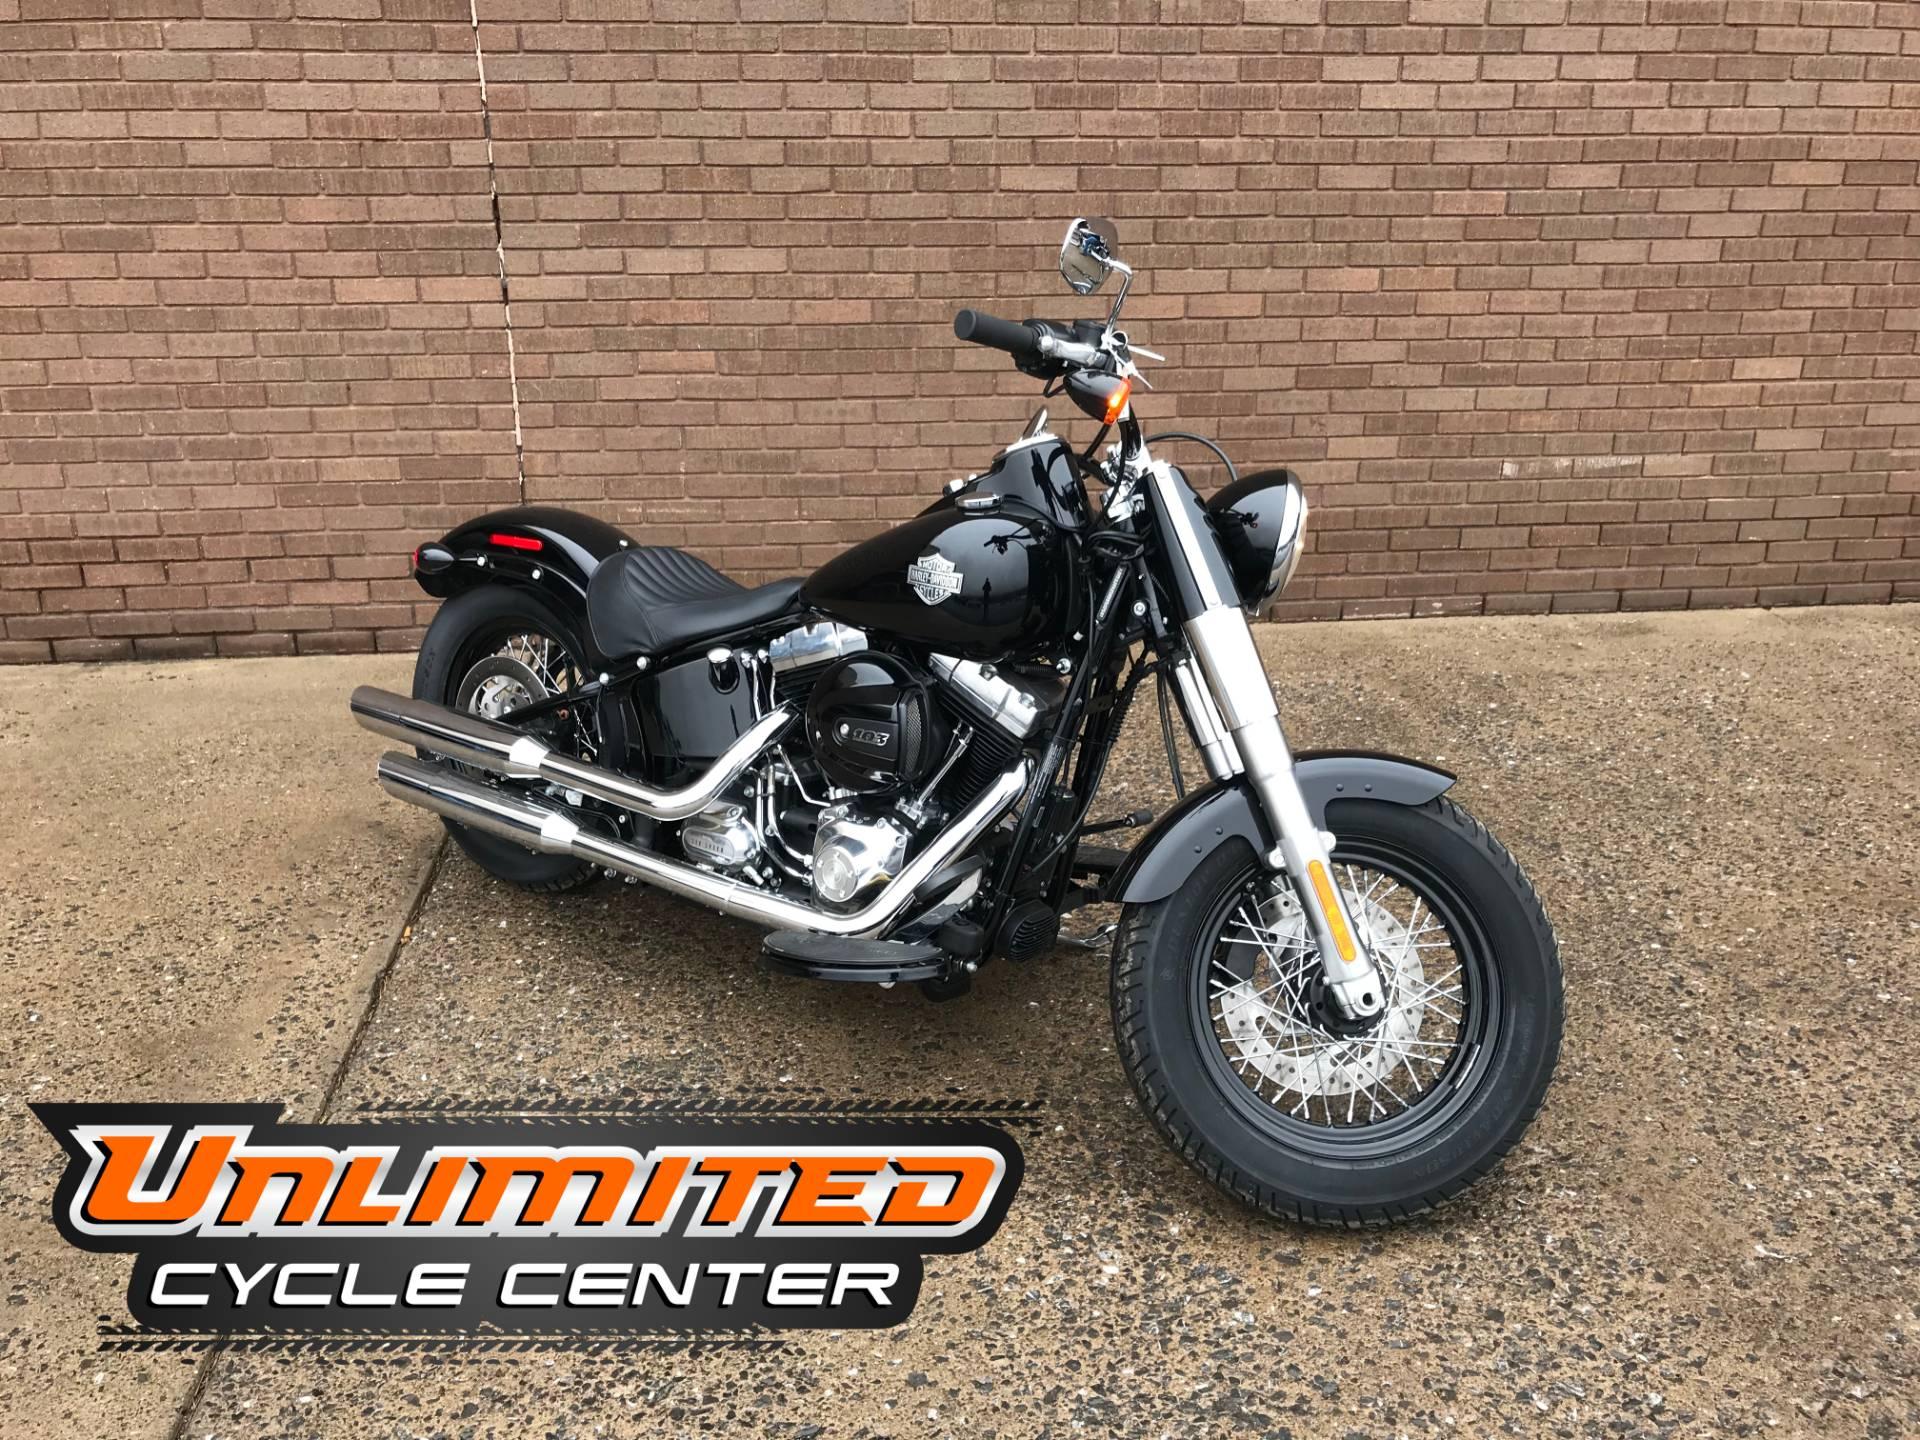 Harley Softail Slim >> 2017 Harley Davidson Softail Slim Motorcycles Tyrone Pennsylvania